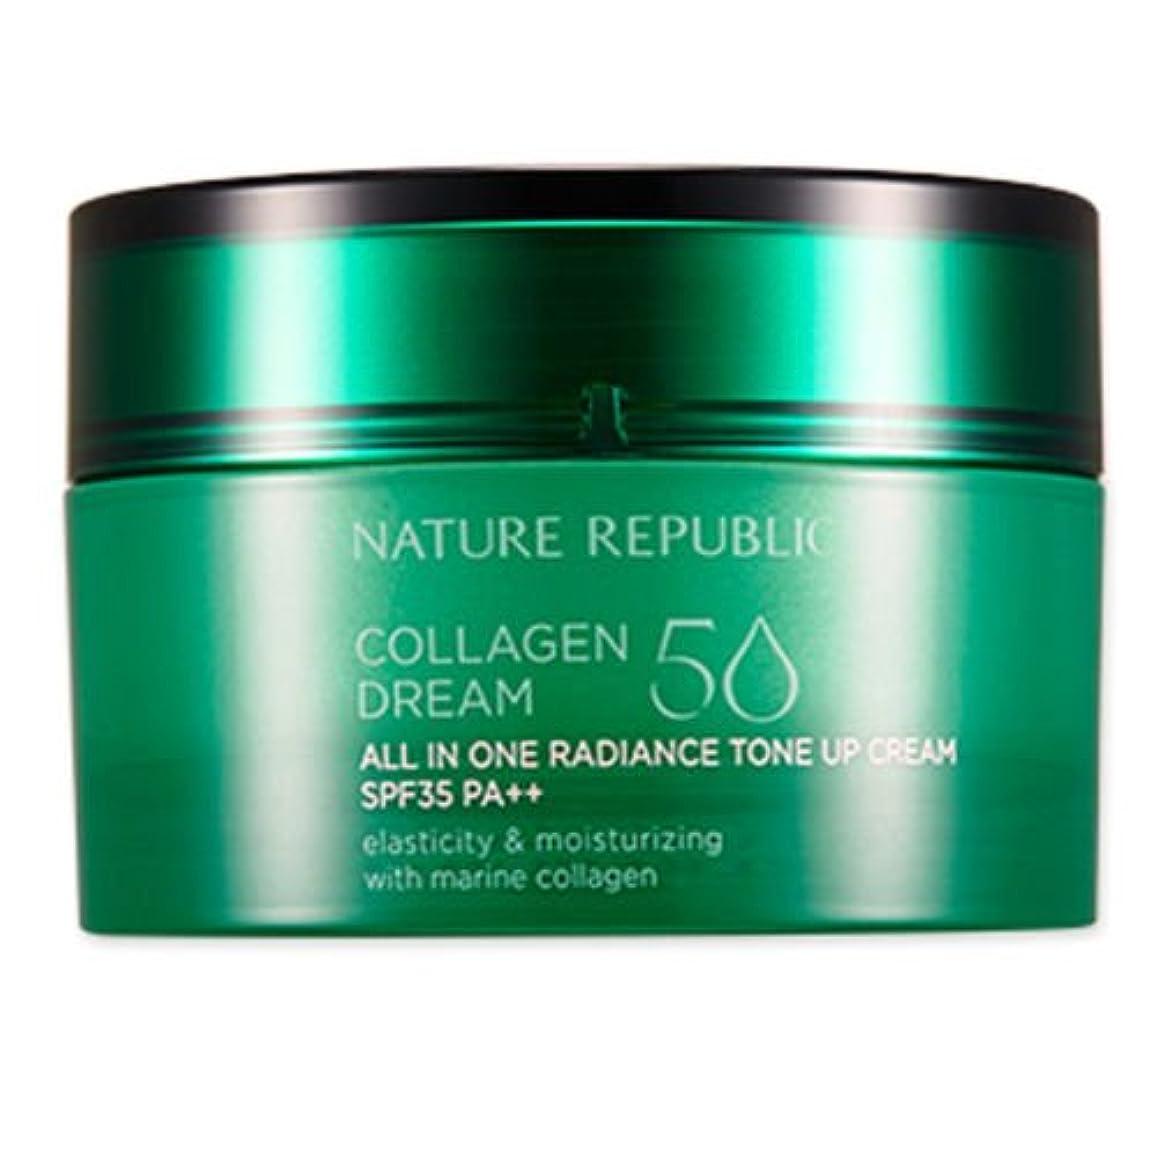 滑る正規化蓄積するNATURE REPUBLIC Collagen Dream 50 All-In-One Radiance Tone Up Cream(SPF35PA++) ネイチャーリパブリック [韓国コスメ ] コラーゲンドリーム50...